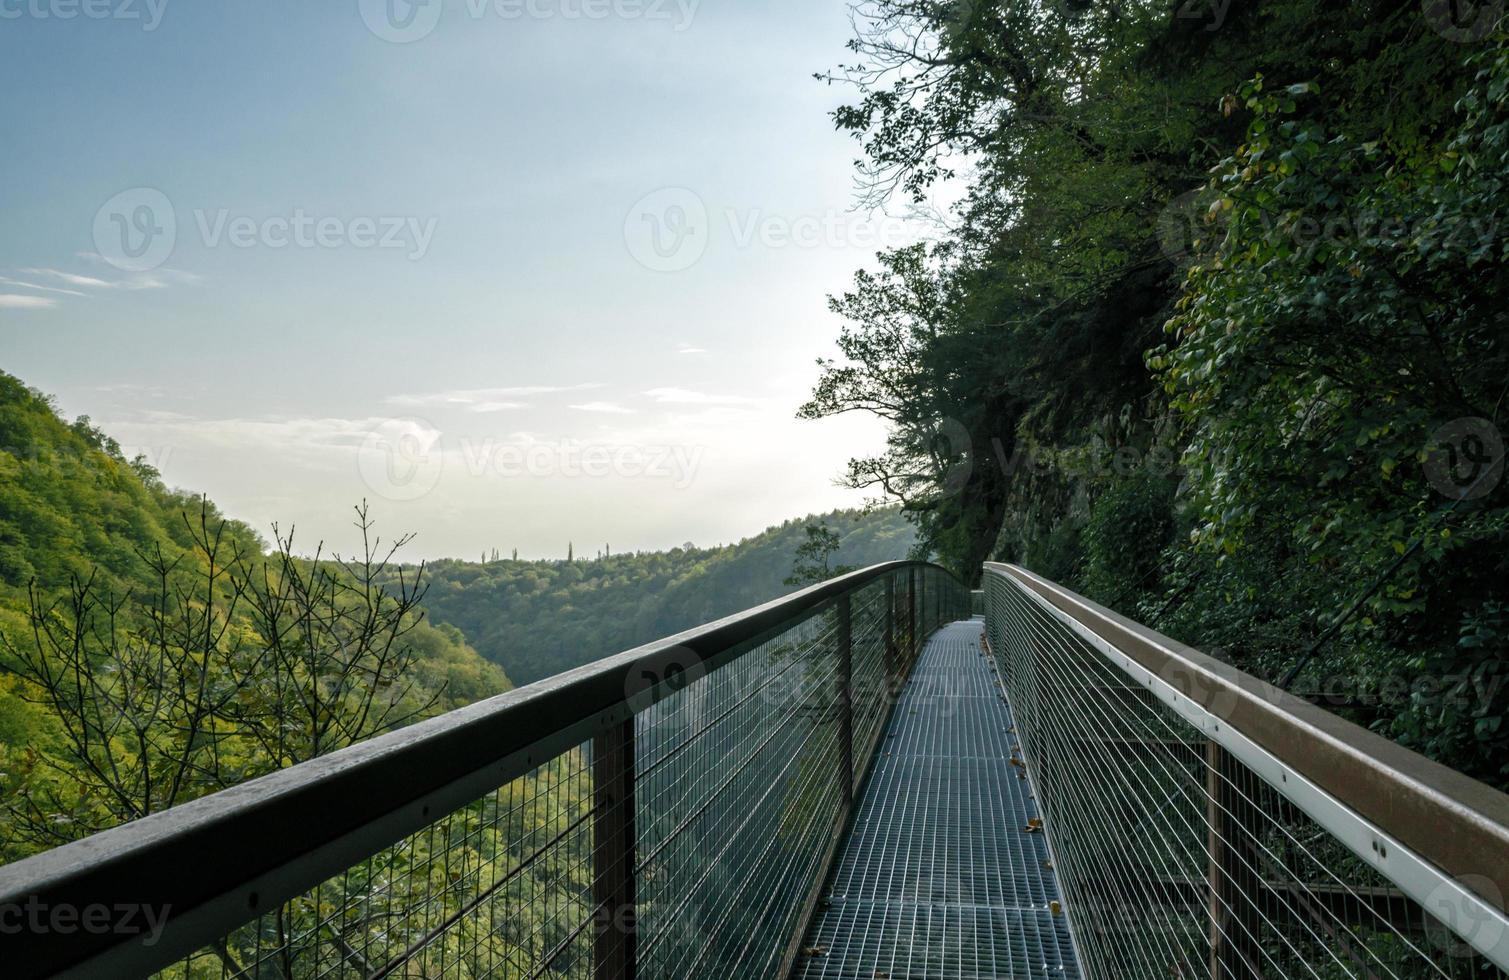 puente colgante de metal sobre árboles foto